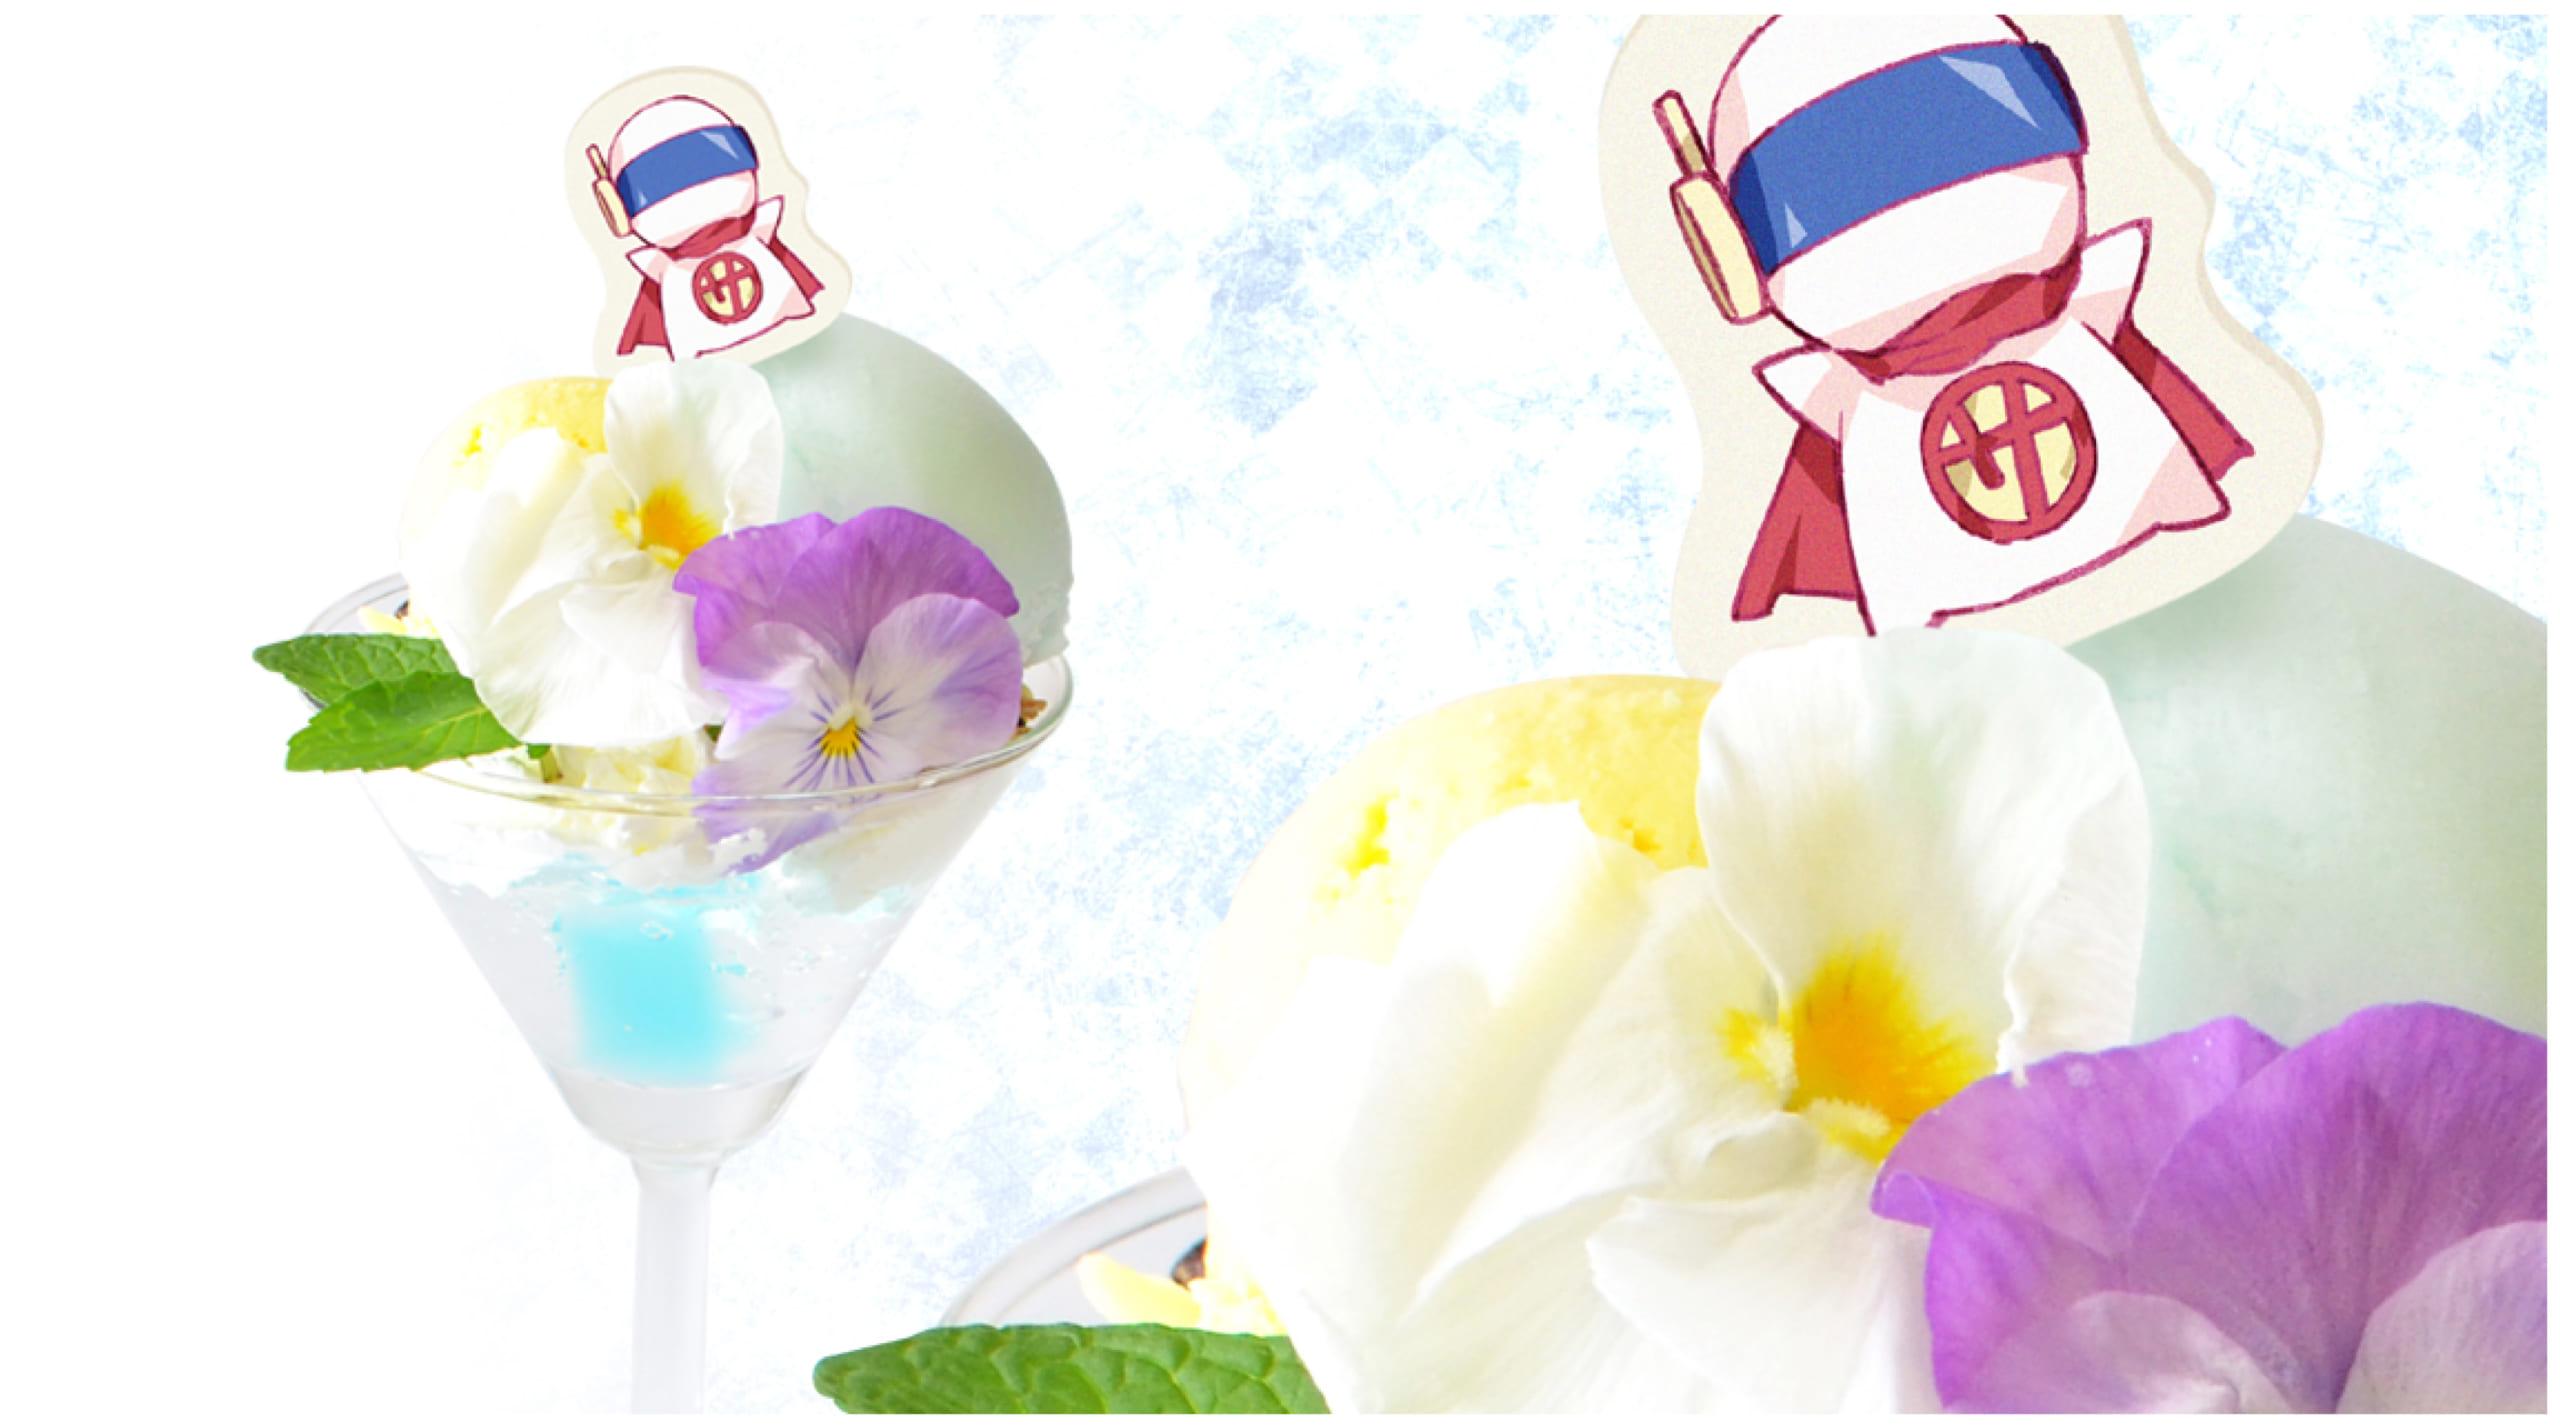 種村有菜先生 ×「アニメイトカフェ」コラボ第2弾 フードメニュー 依音の超能力パフェ ~サイコマンを浮かそう!~